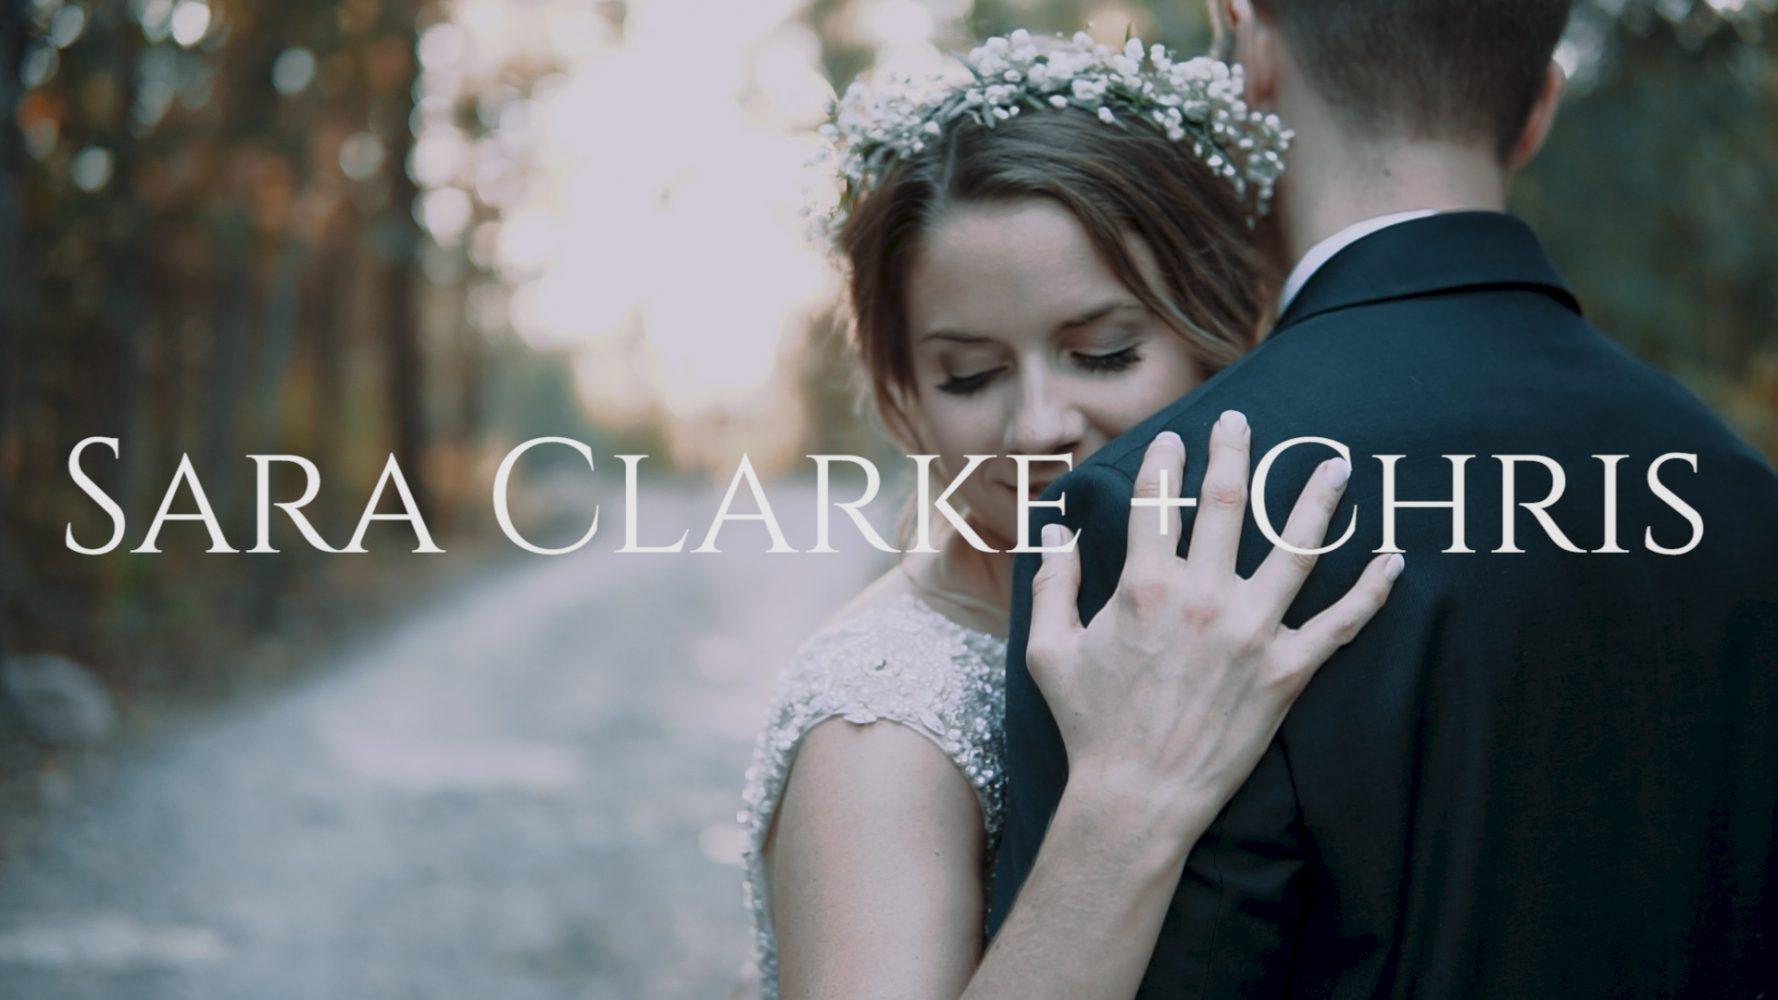 Chris + Sara Clarke   Murfreesboro, Tennessee